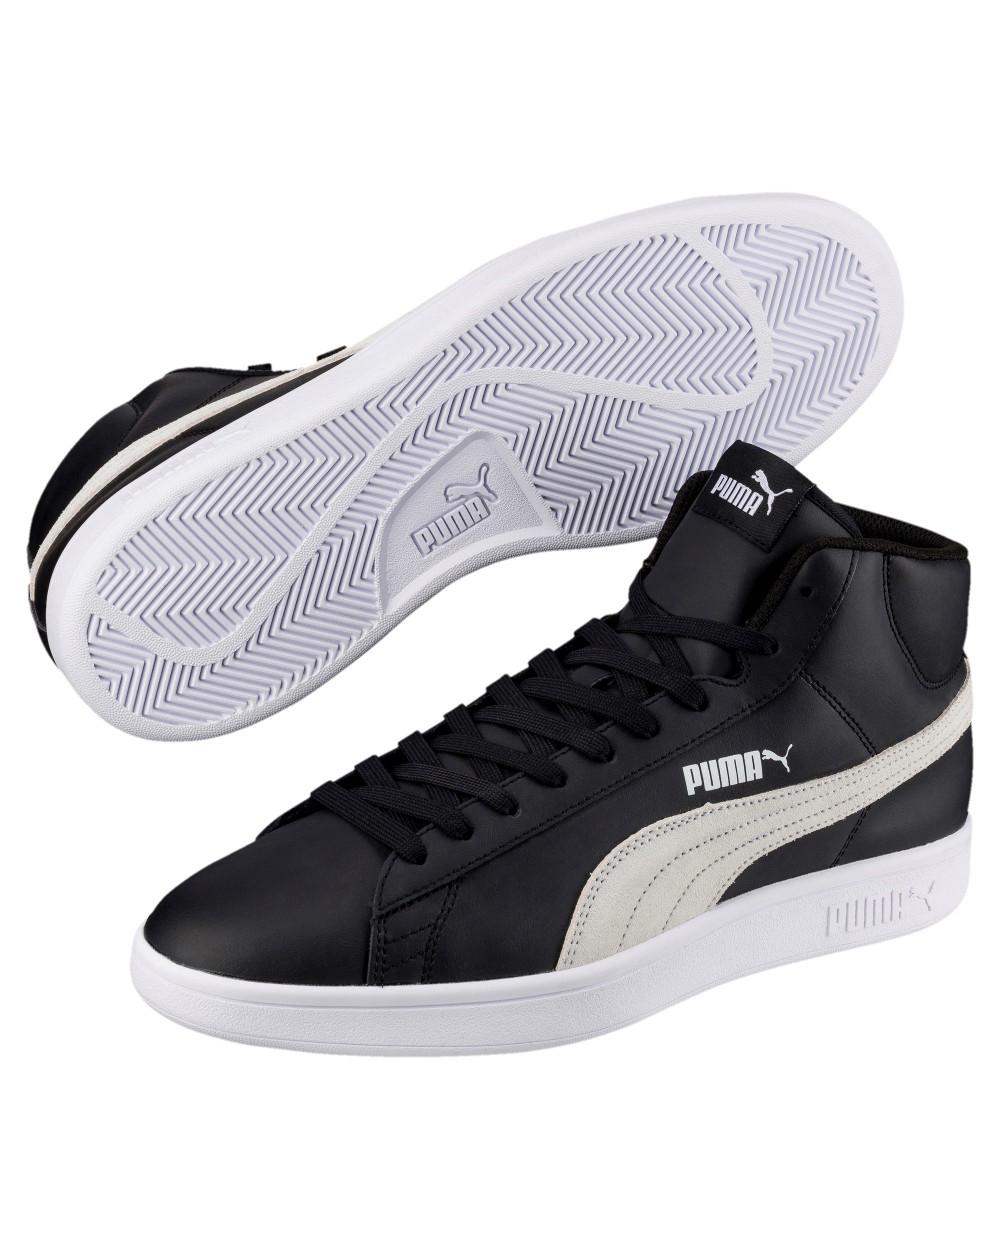 Puma-Scarpe-Sneakers-Sportive-Sportswear-SMASH-V2-L-Mid-2018-19-Nero-Uomo miniatura 5